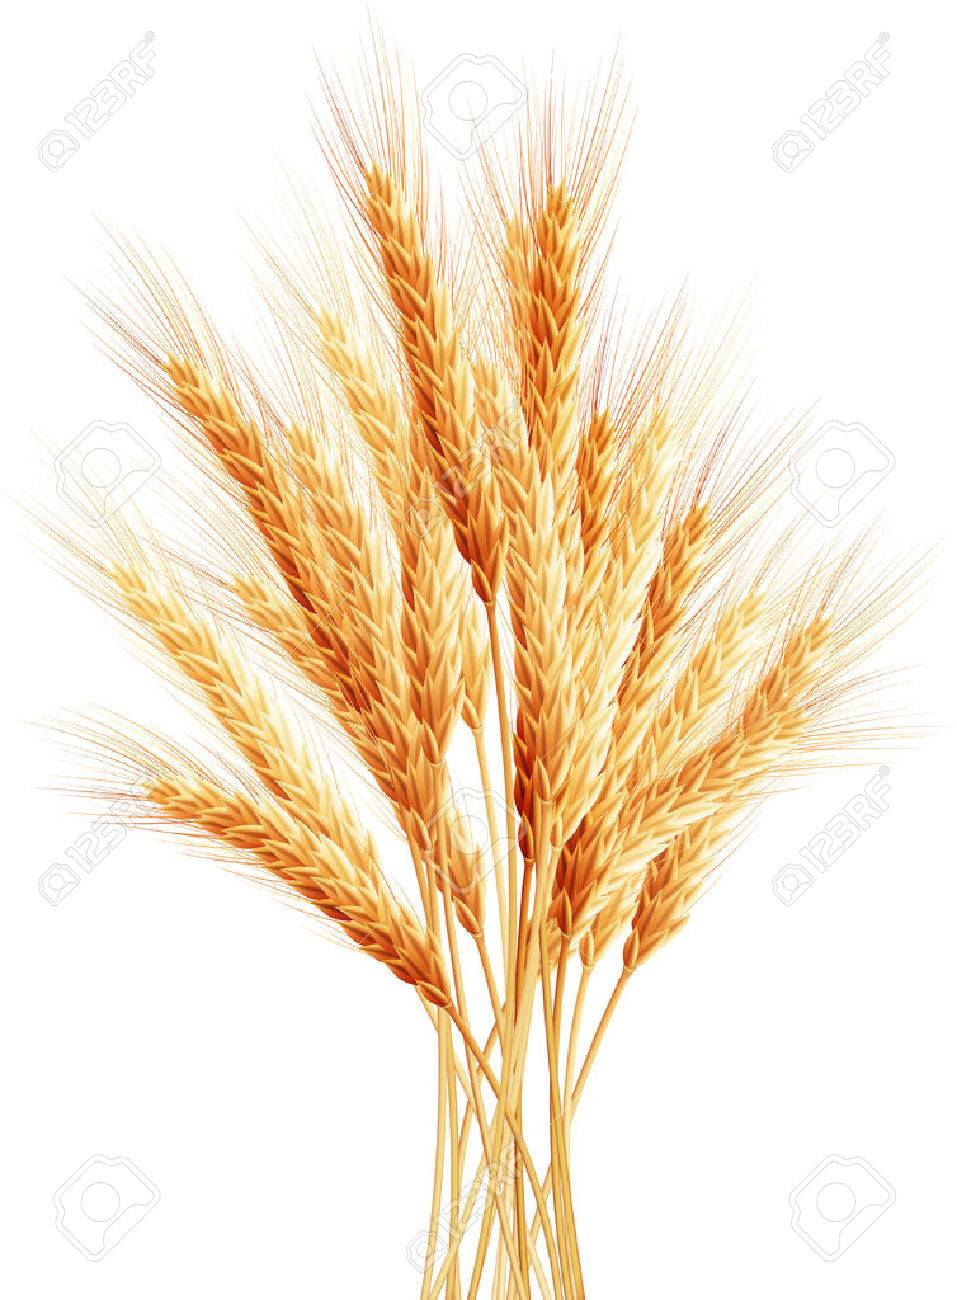 Stalks of wheat ears. - 40617716